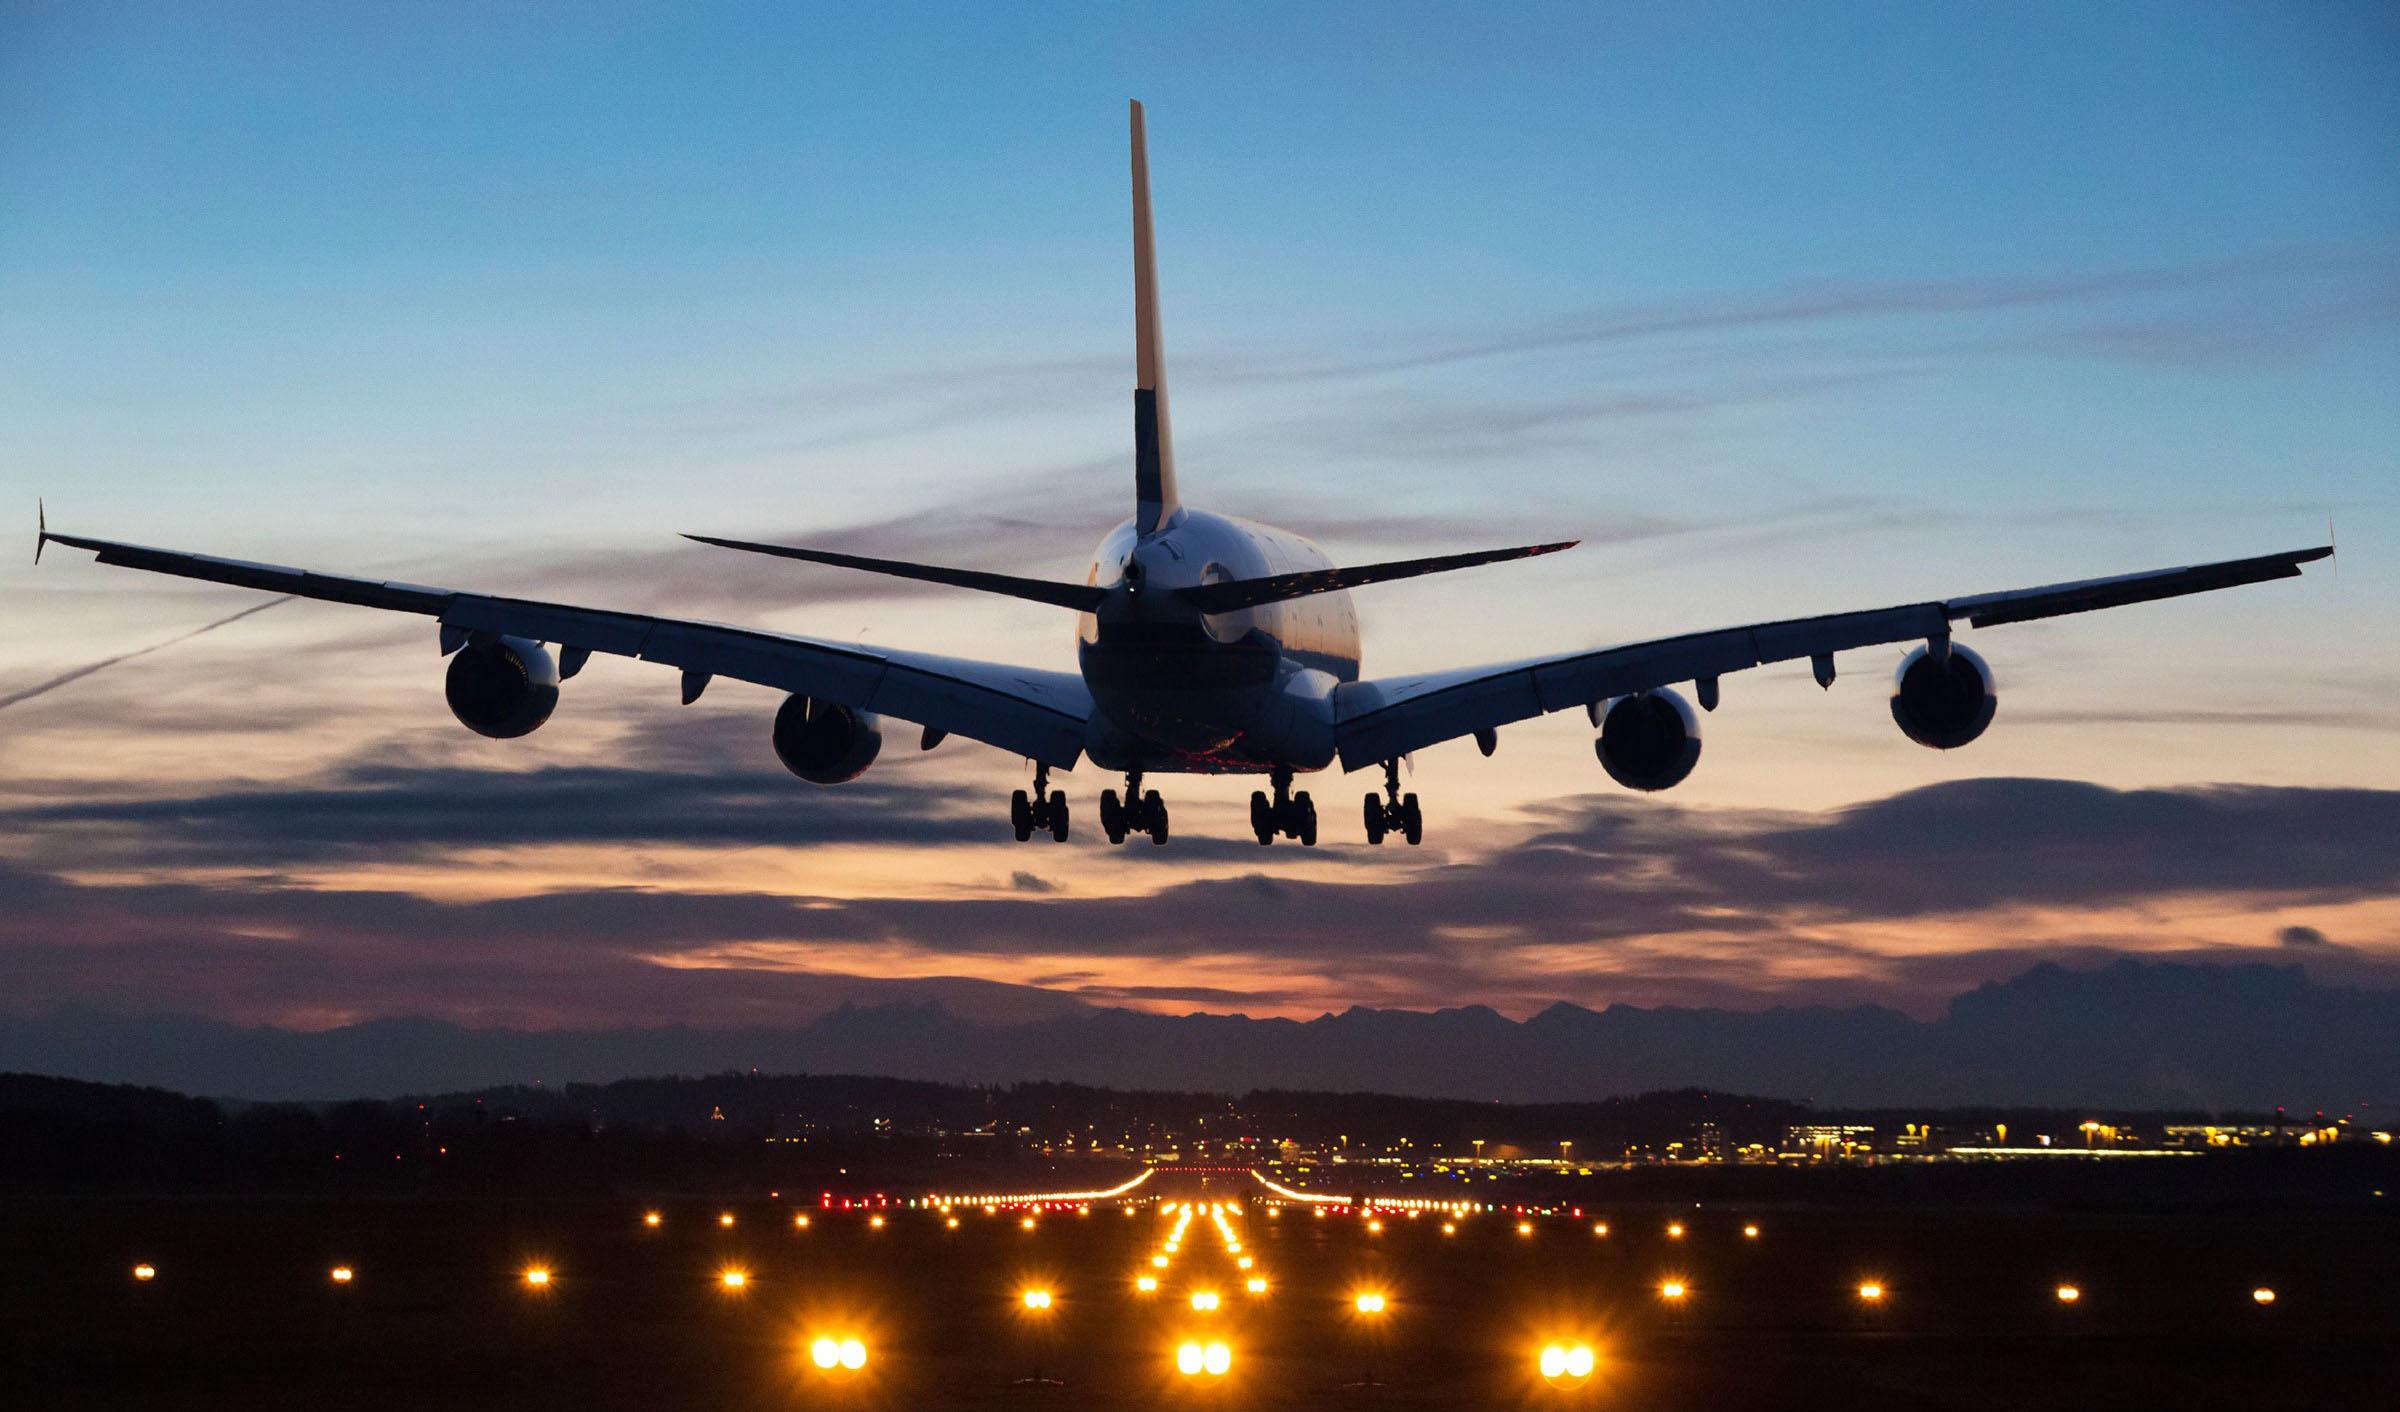 ظرفیت پذیرش مسافر در هر هواپیما را کاهش یافت